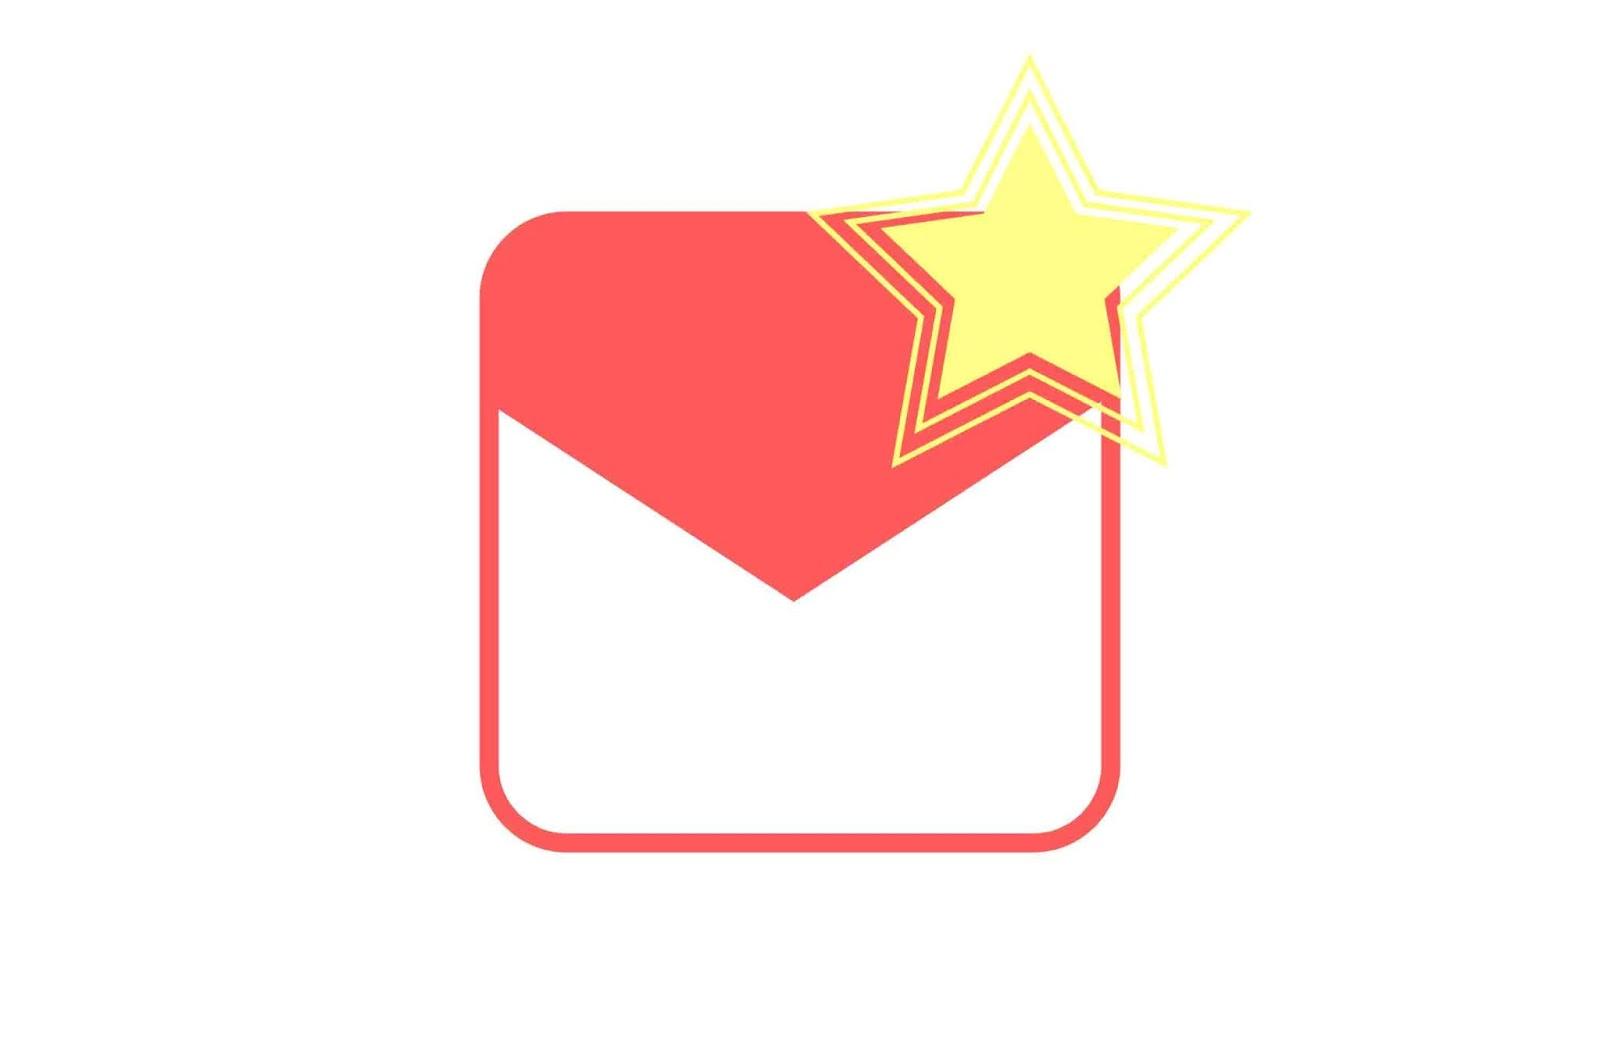 cara mengantu icon bintang gmail berwarna